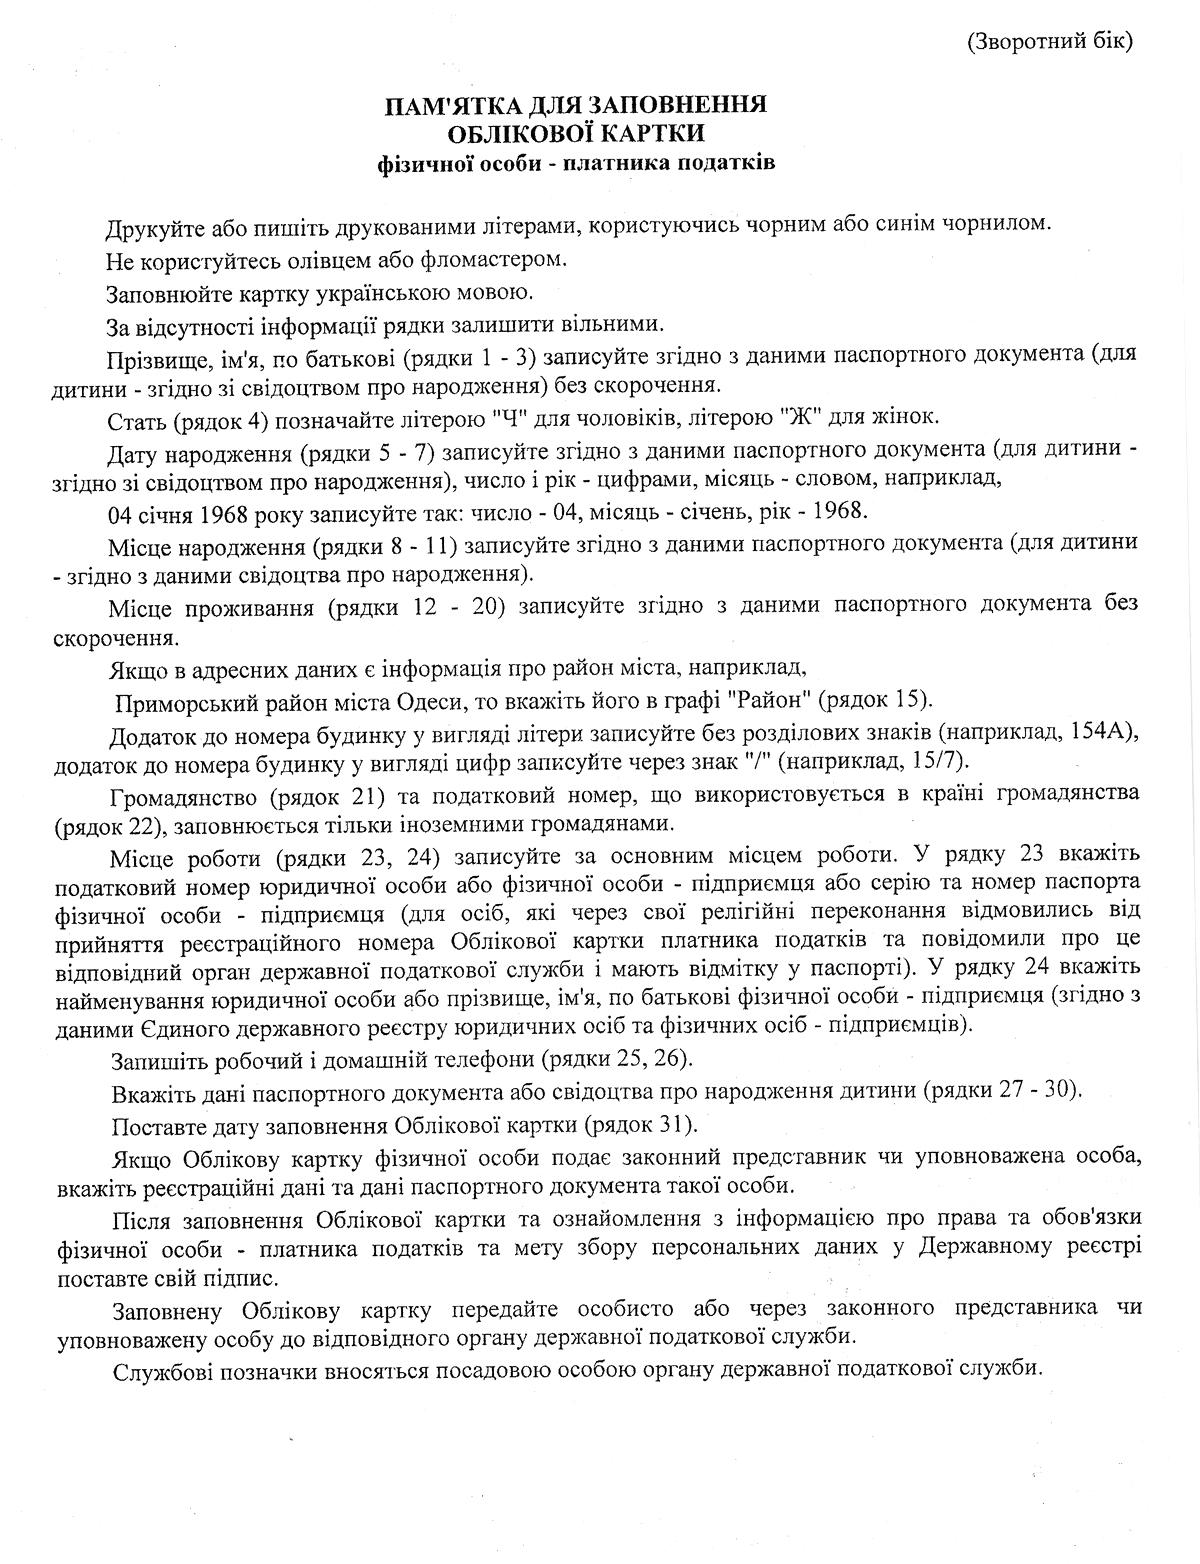 бланк индификационного номера украины